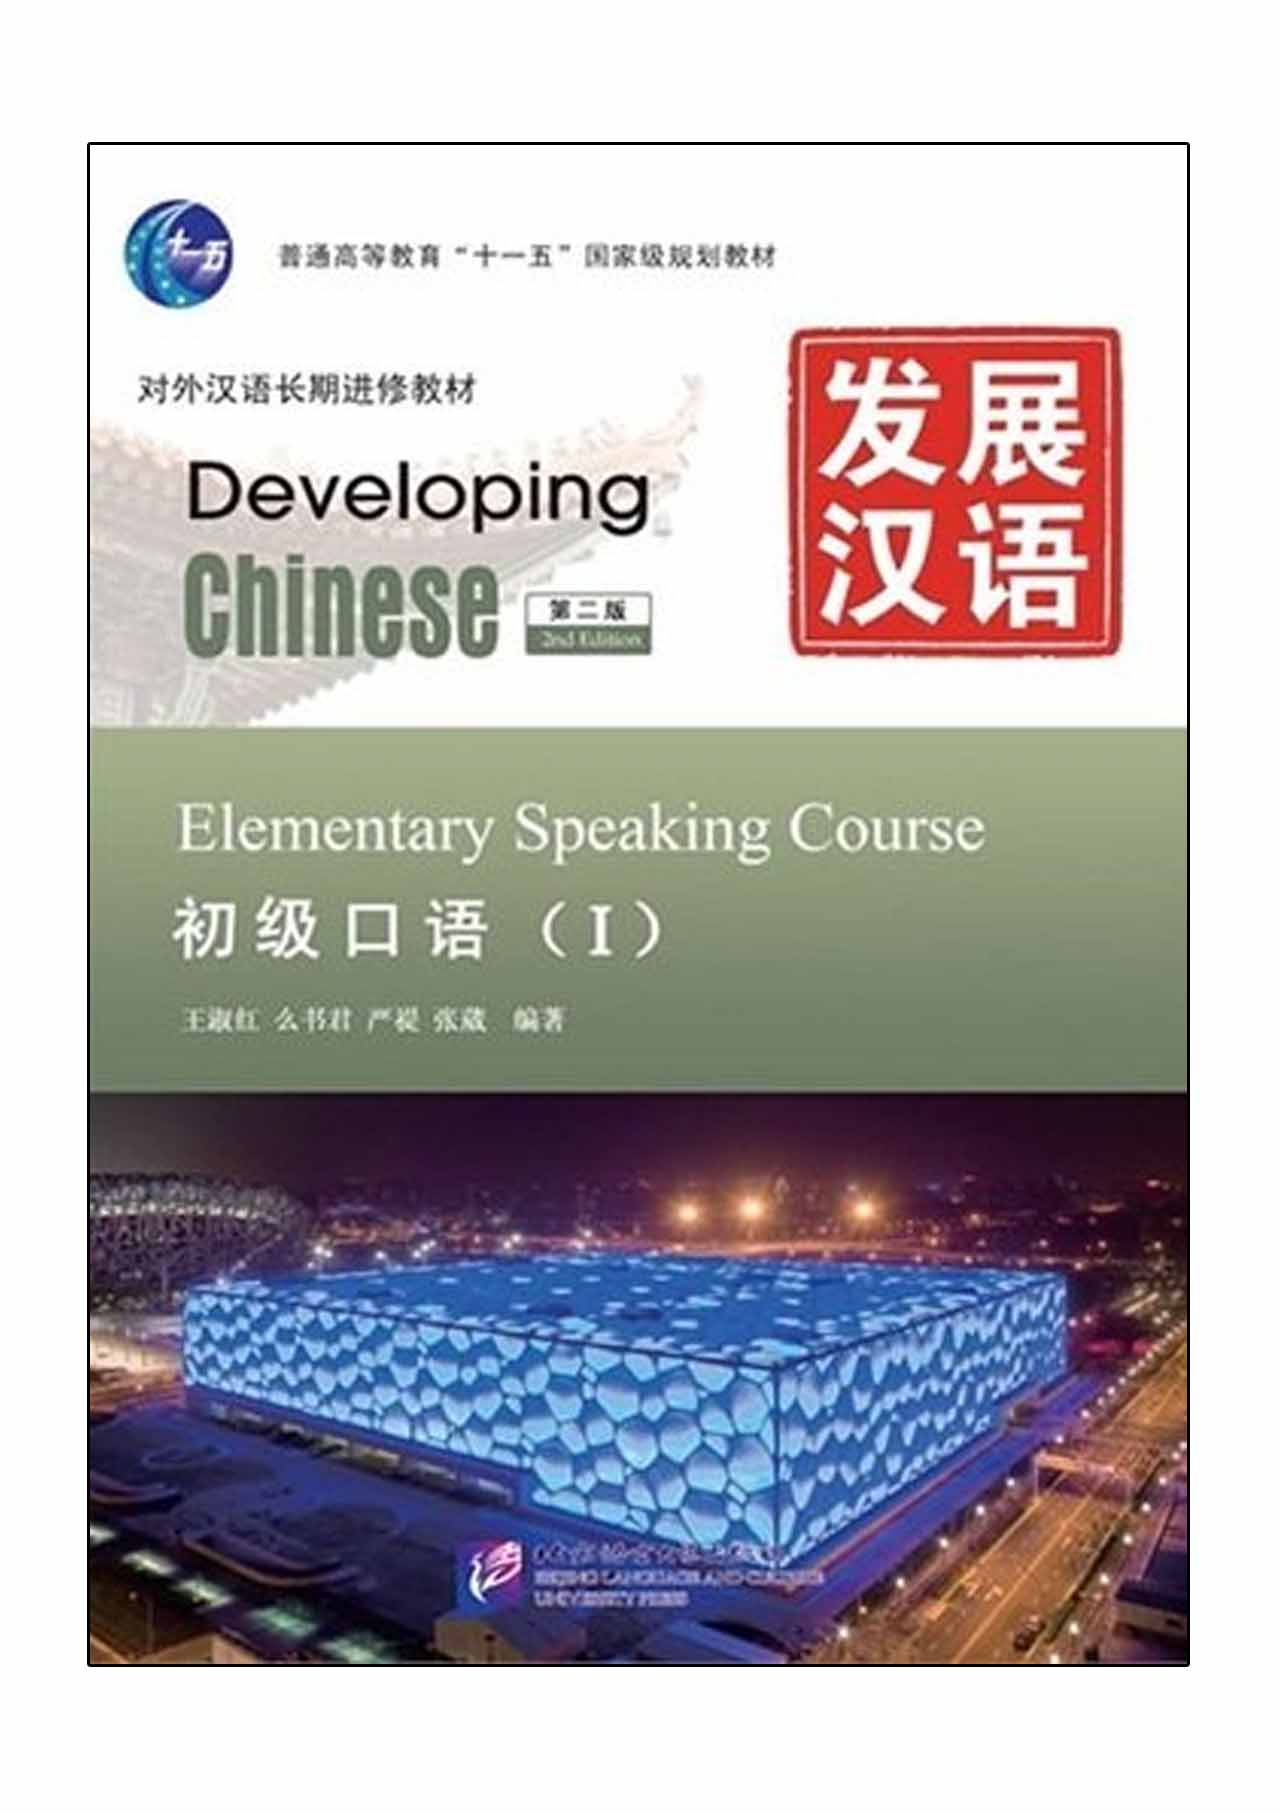 发展汉语(第2版)初级口语(Ⅰ)(含1MP3)Developing Chinese (2nd Edition) Elementary Speaking Course Ⅰ+MP3